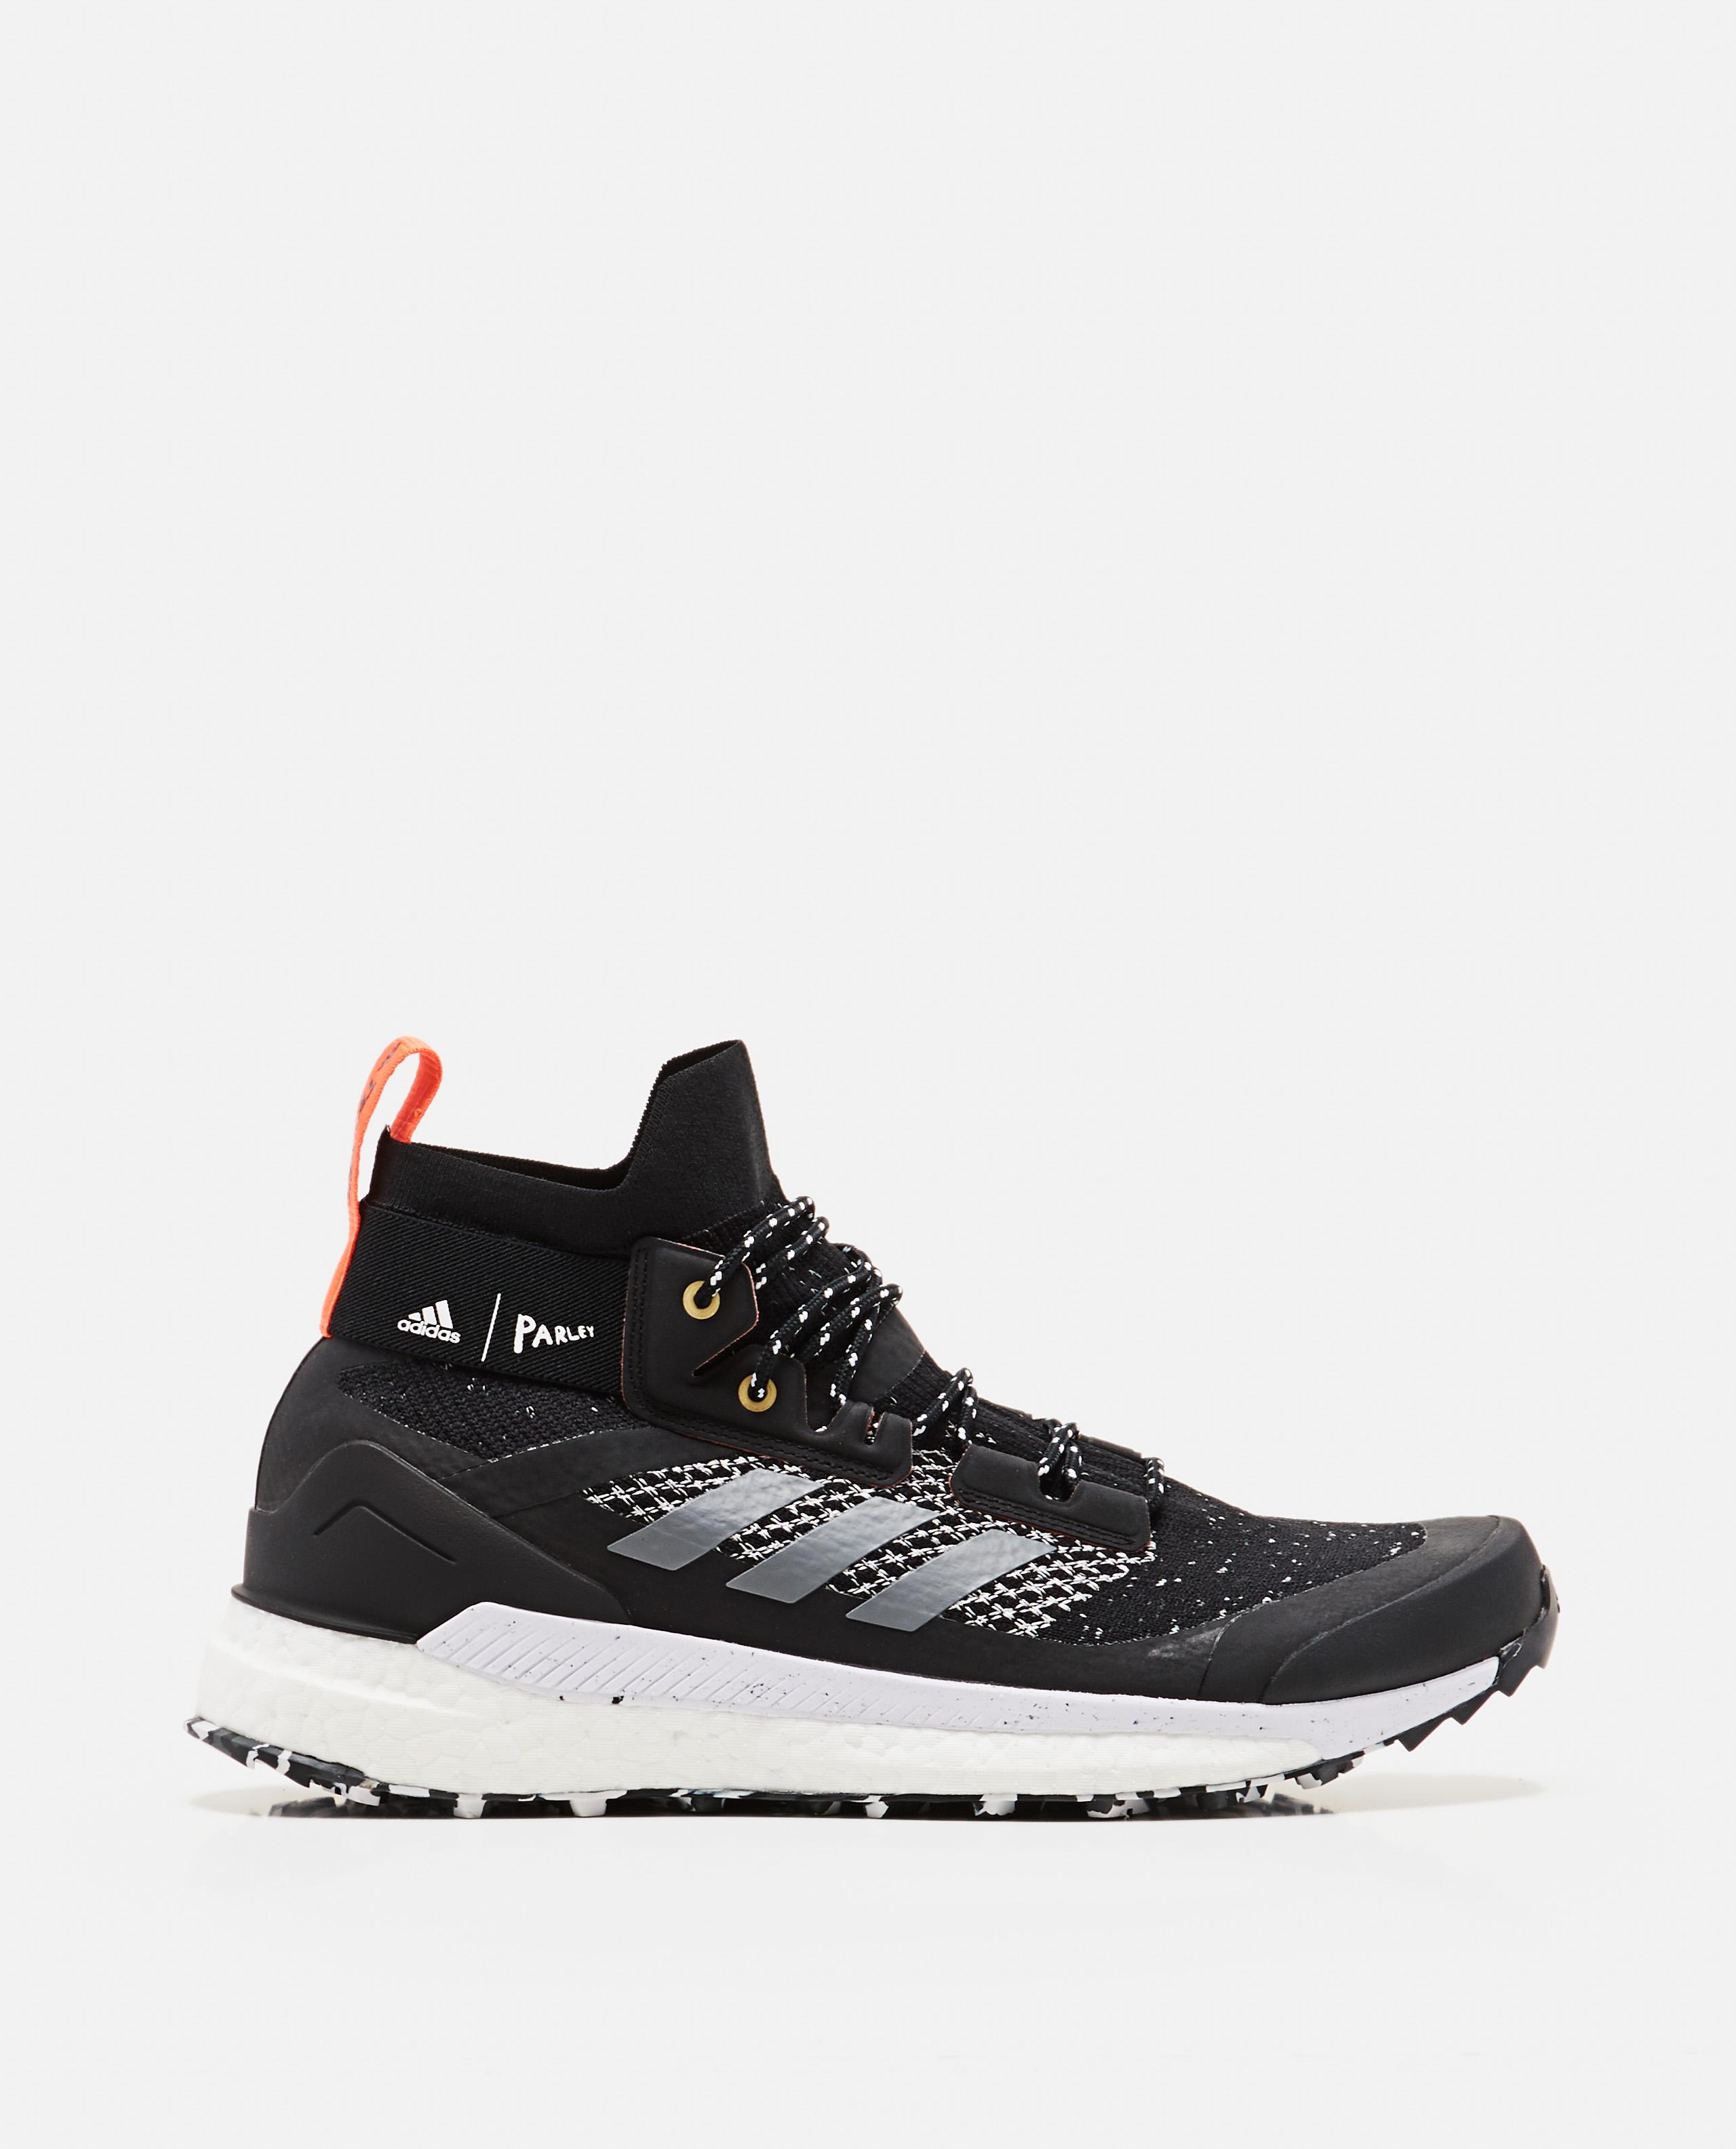 TERREX FREE HIKER PARLEY sneakers